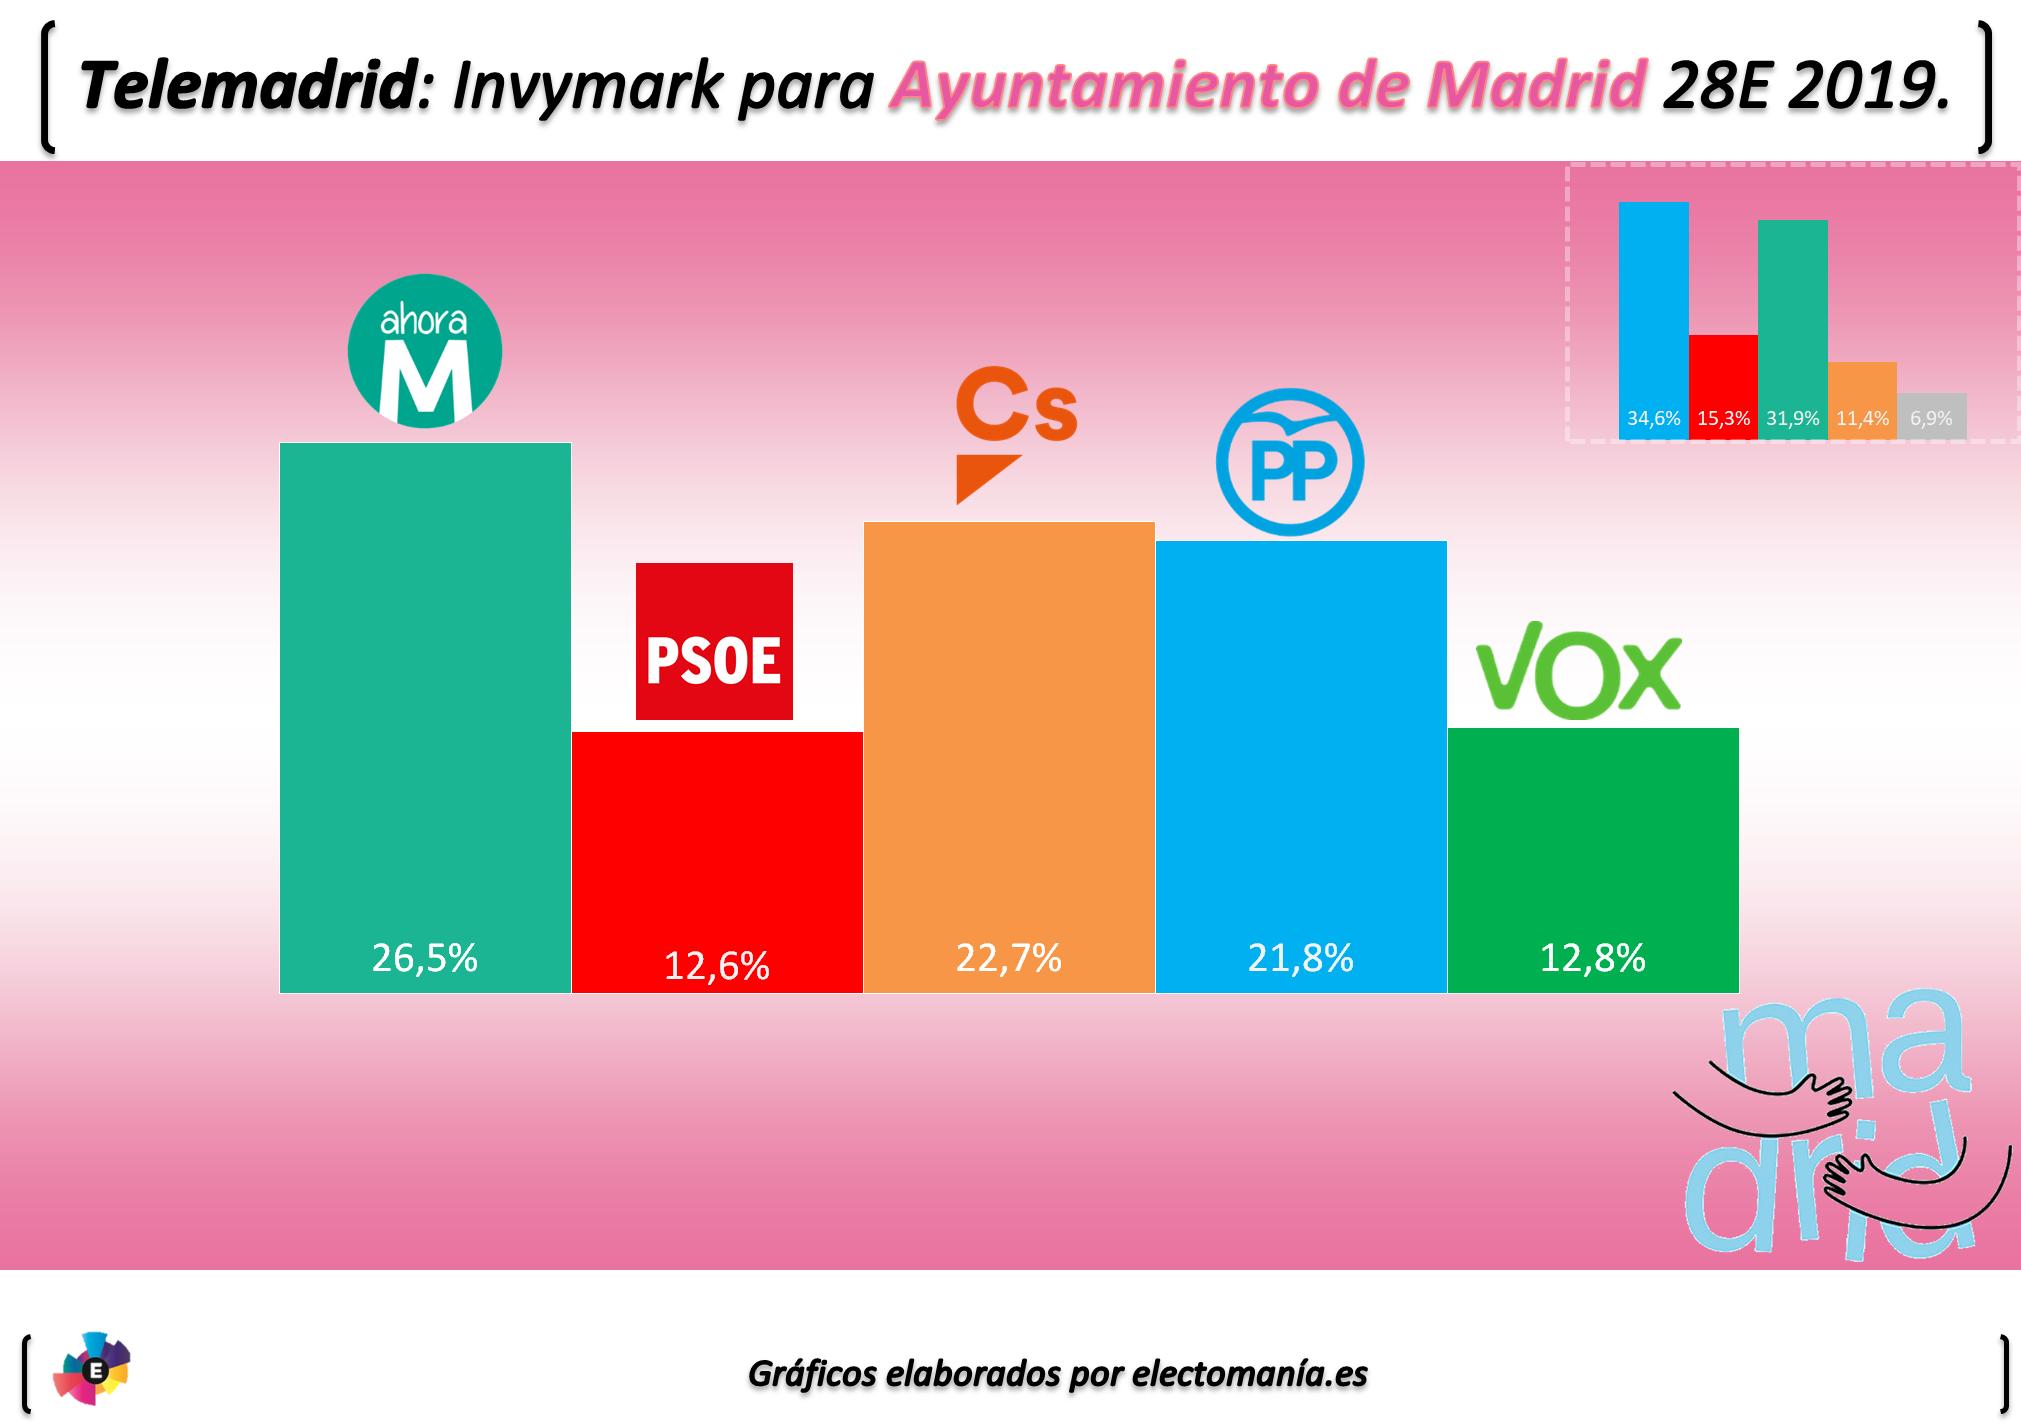 El Ganaría Telemadrid Para AyuntamientoCarmena La Pero Alcaldía W2IEDH9Y